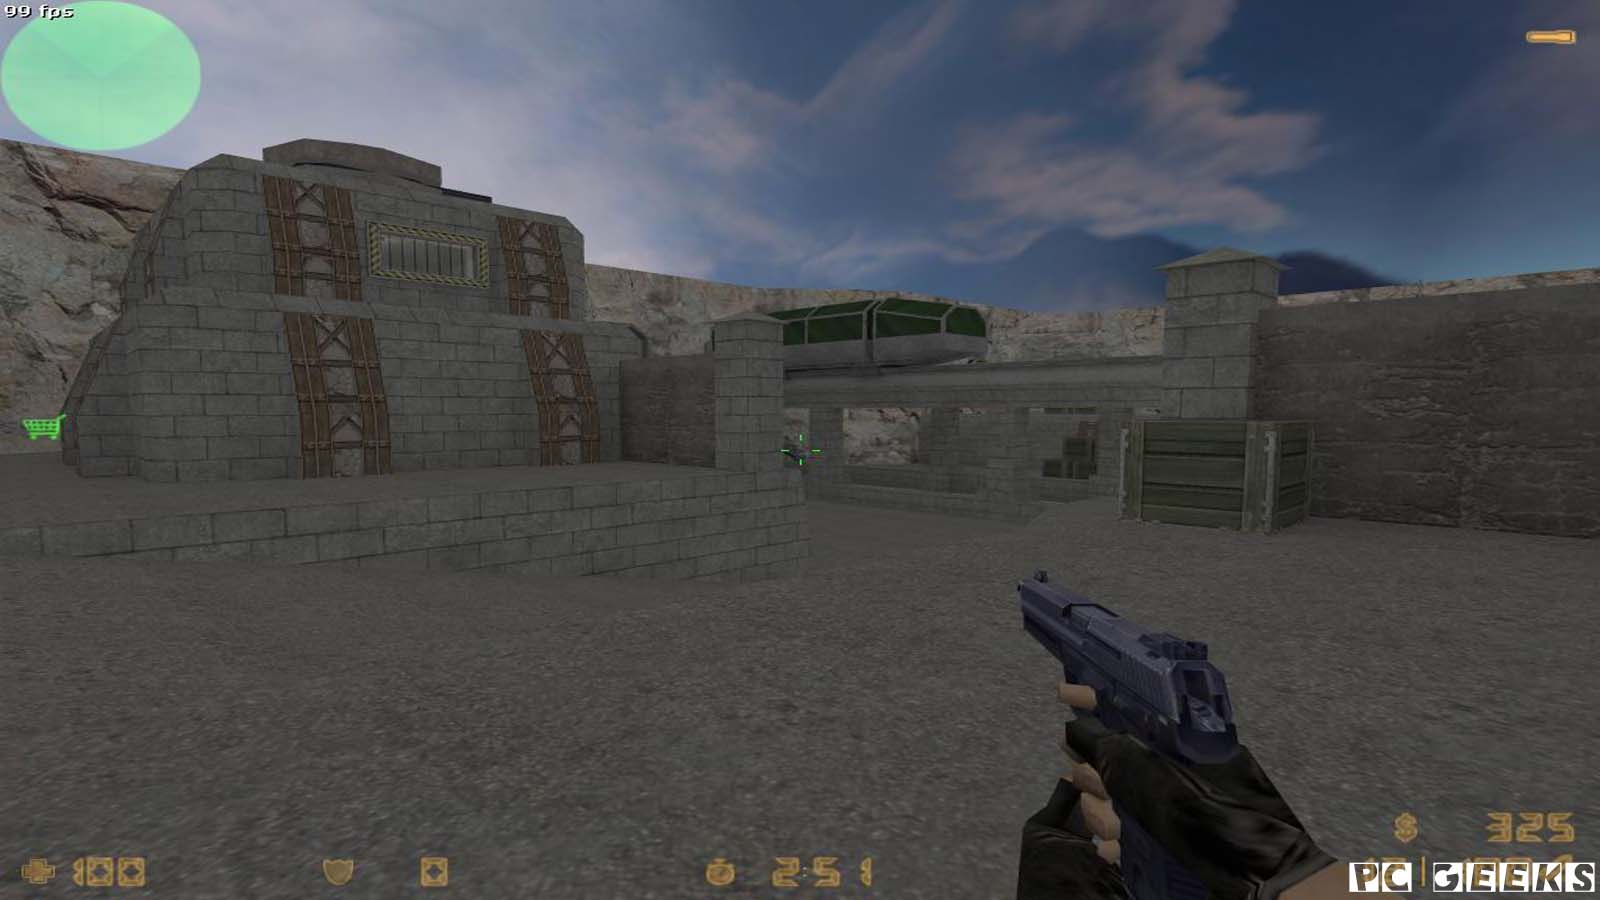 تحميل اكبر مجموعة خرائط للعبة Counter Strike 1.6 مضغوطة برابط واحد مباشر كاملة مجانا